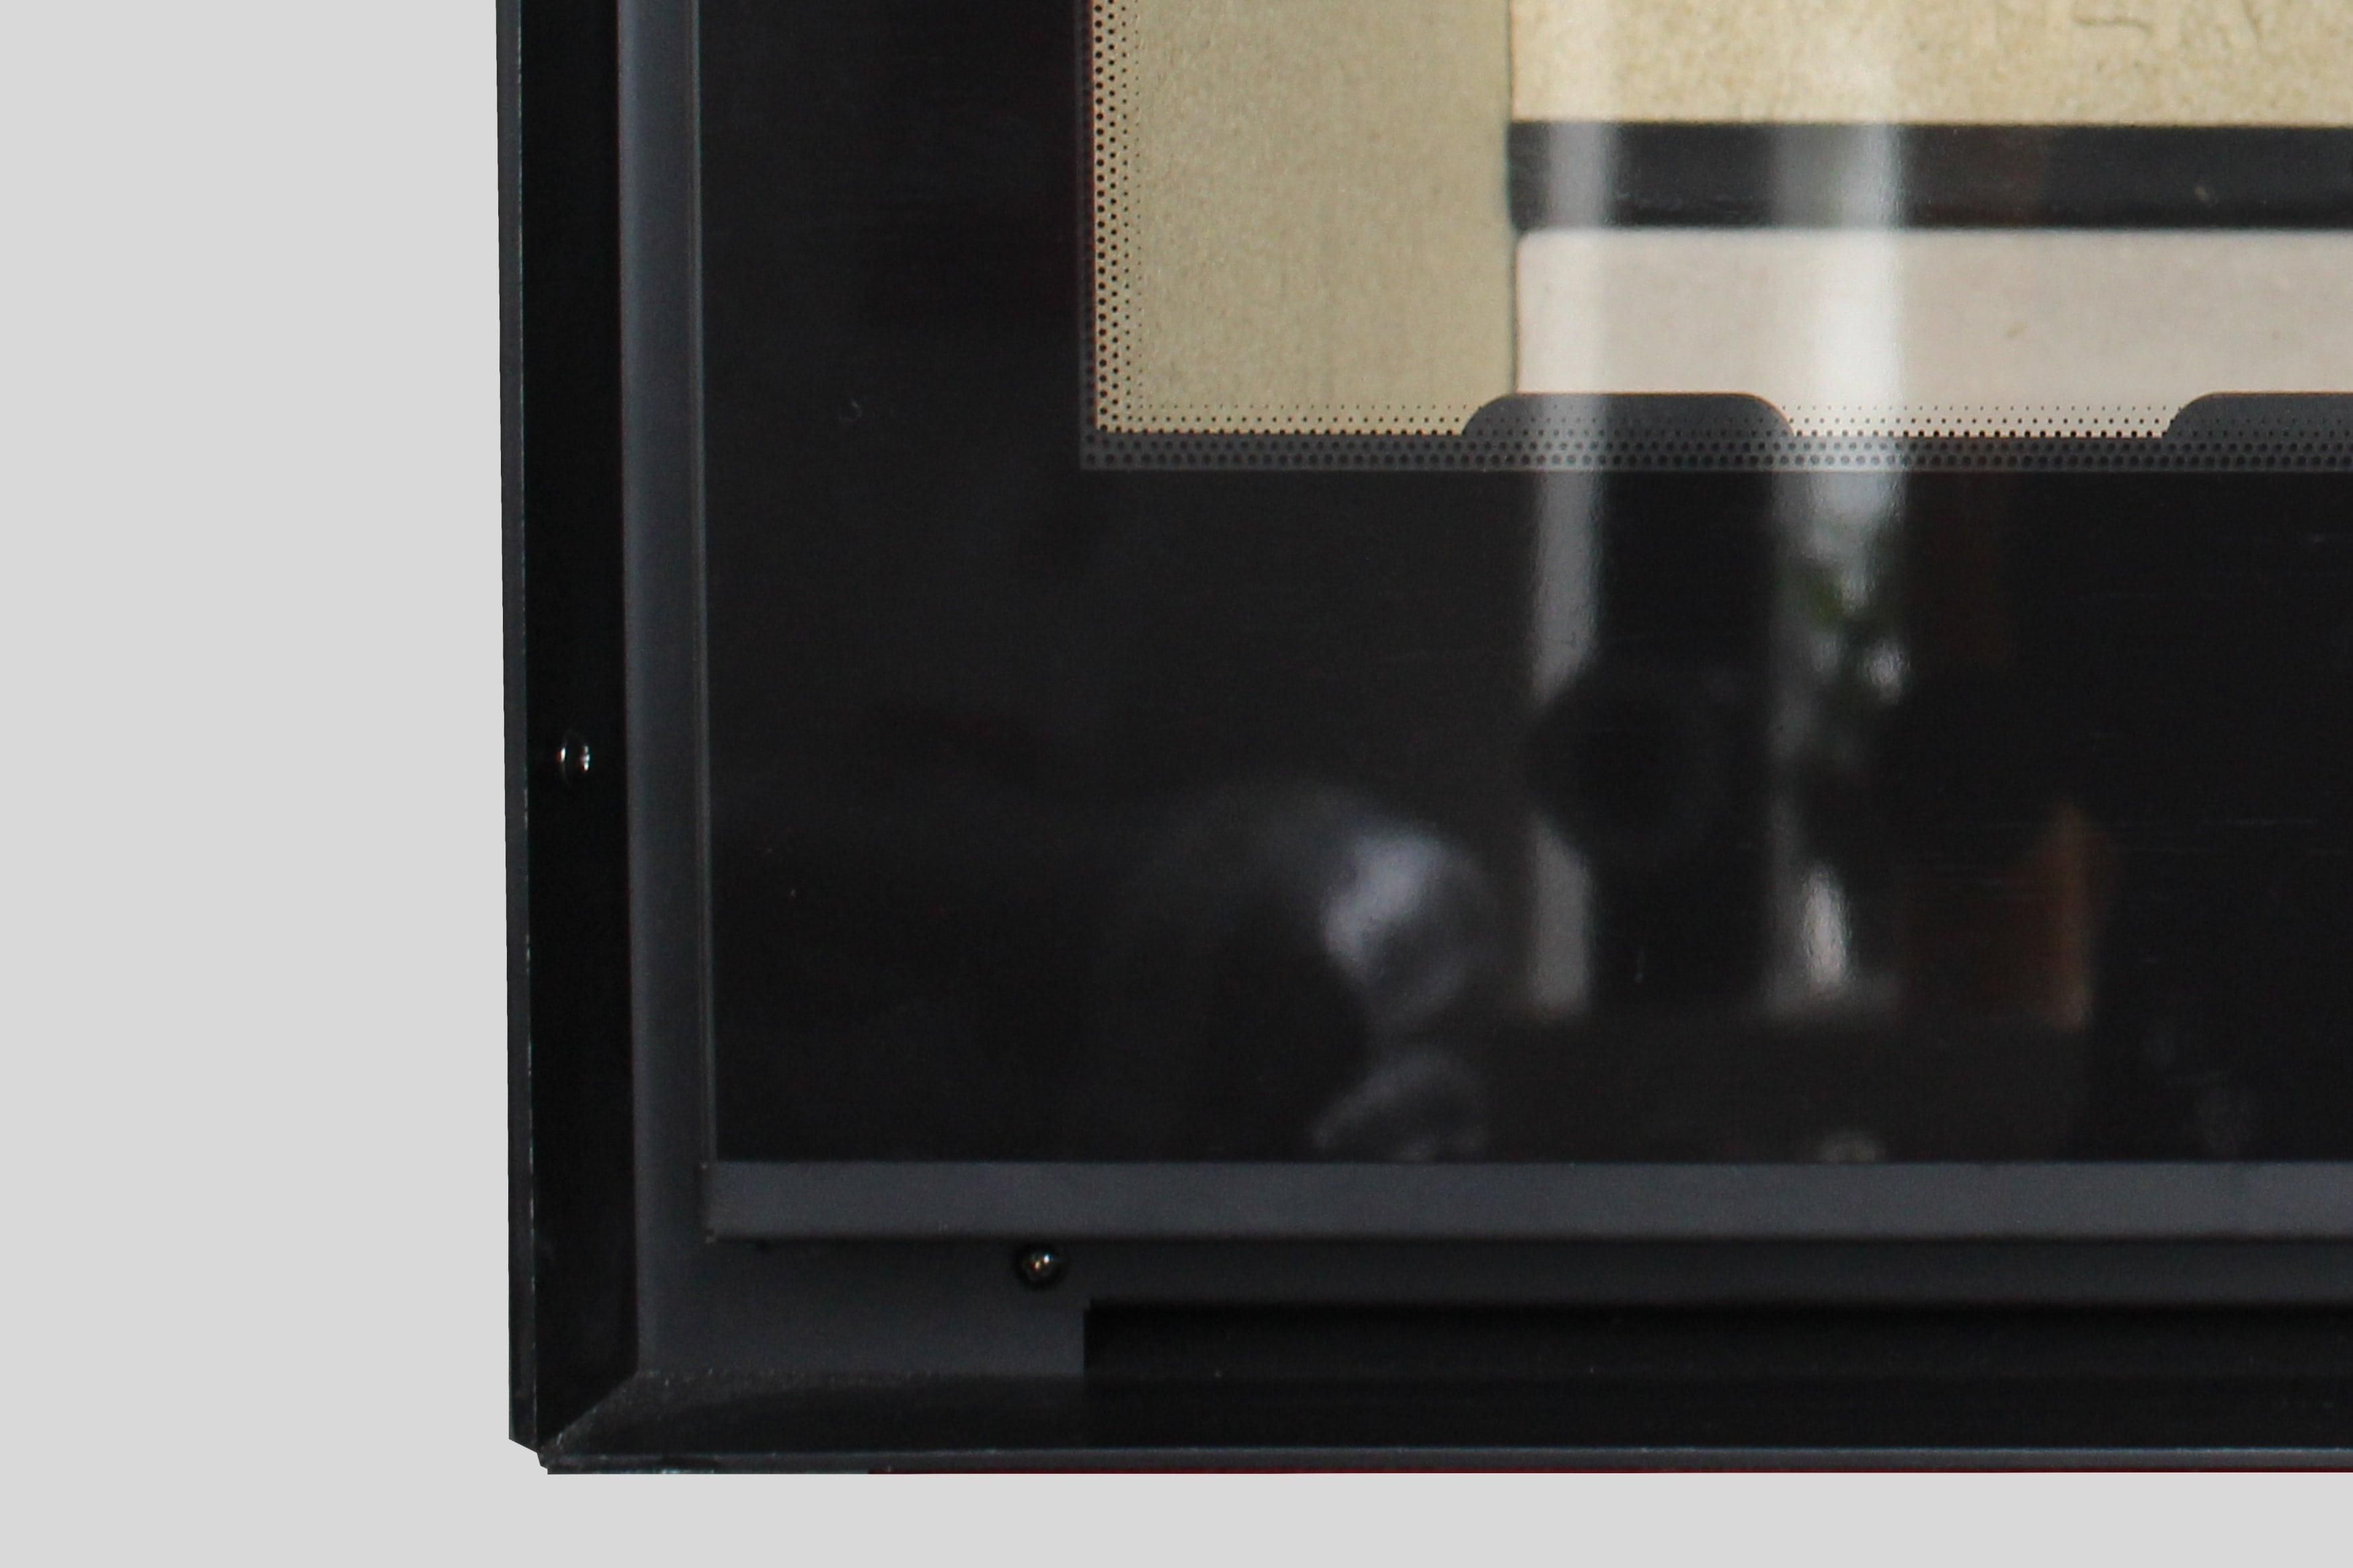 Pormenor da parte superior do recuperador de calor a lenha, Artek Vision.